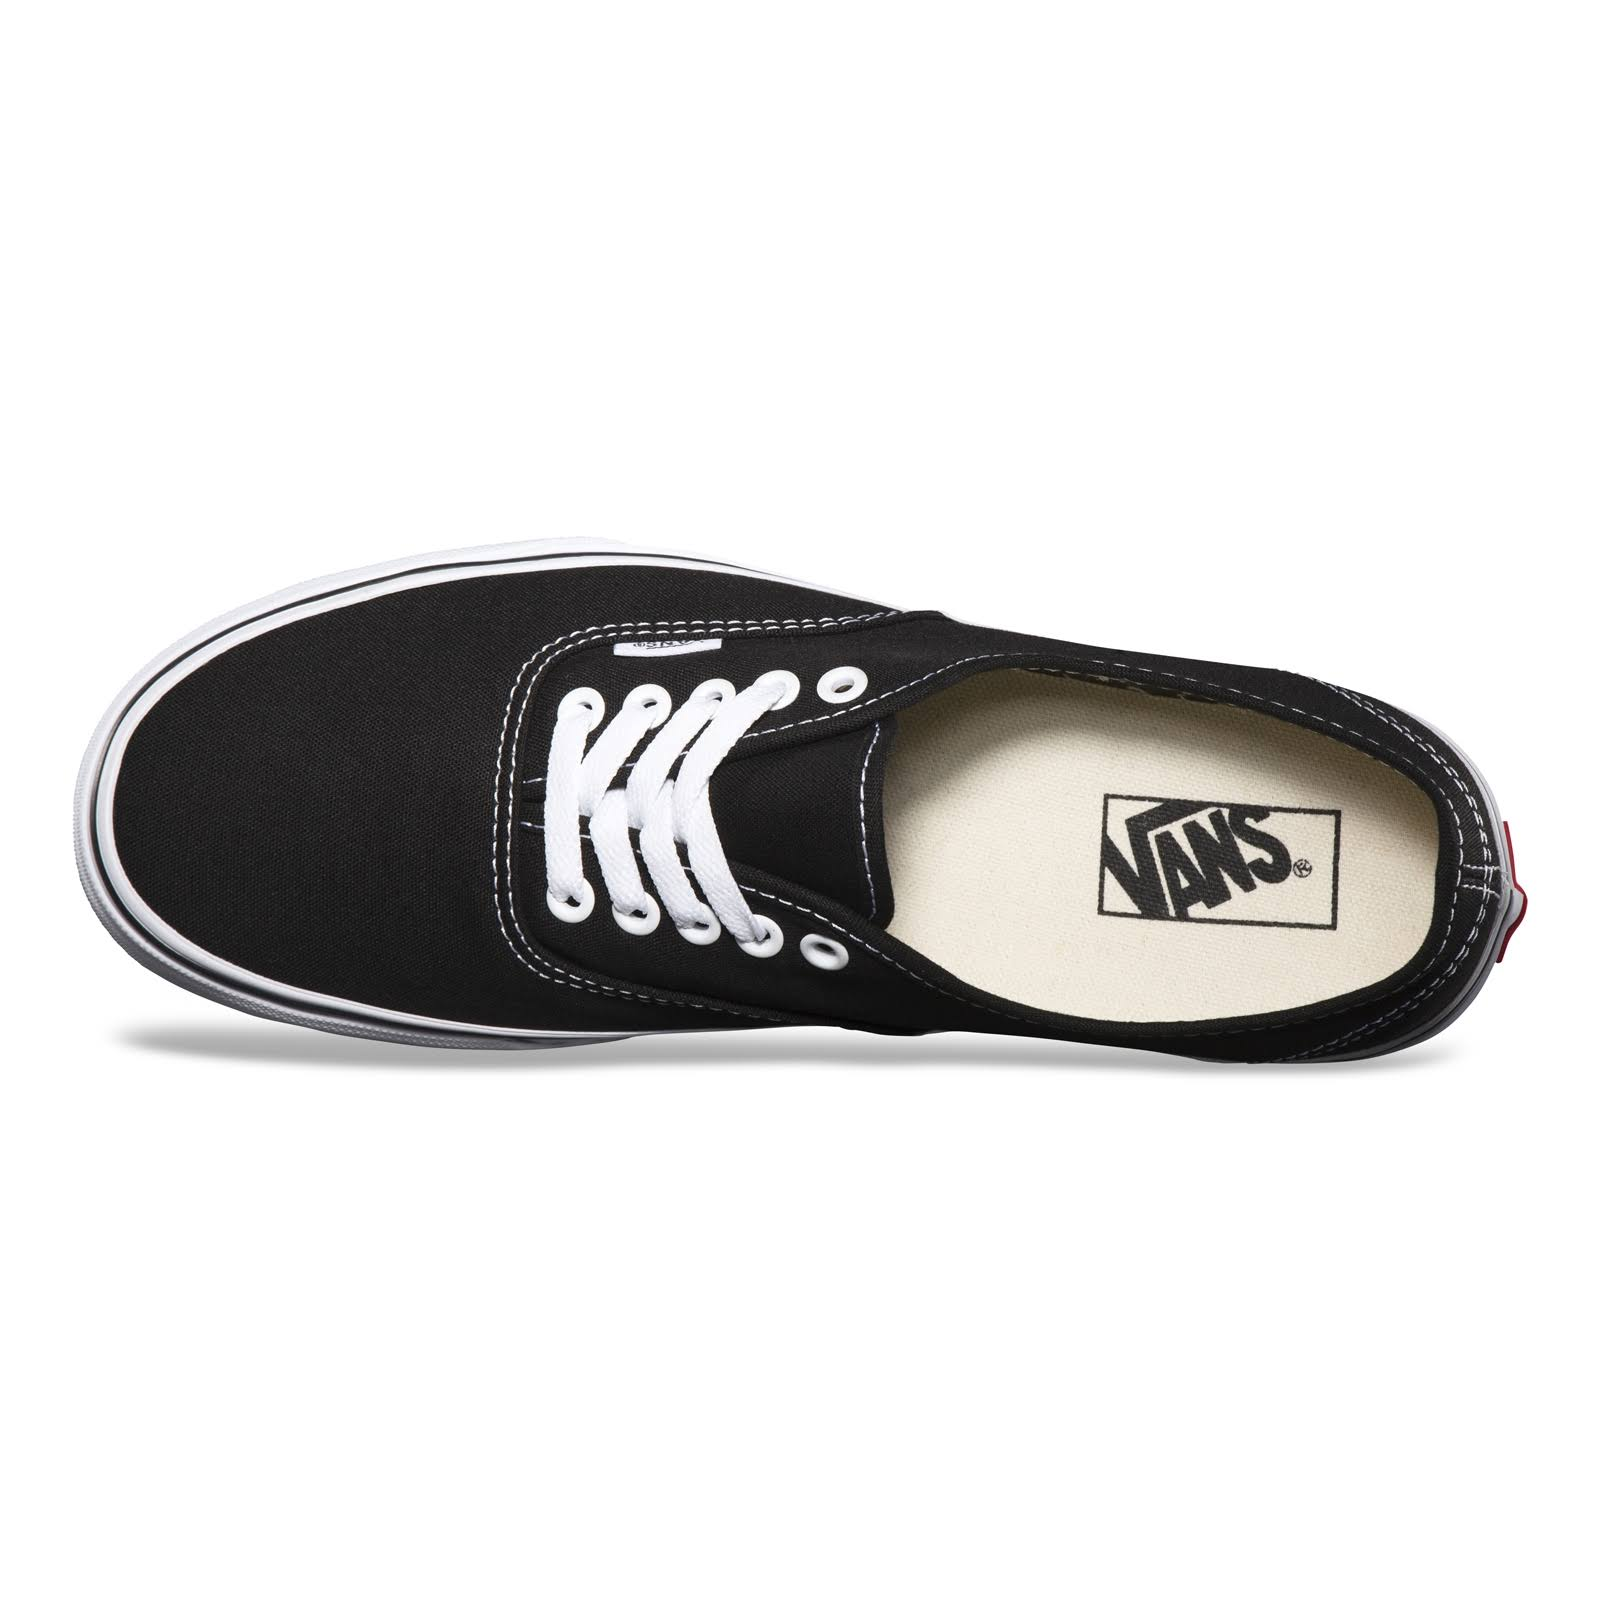 Blanco Vans Shoes Negro Authentic Black 7nWxT4xqFH